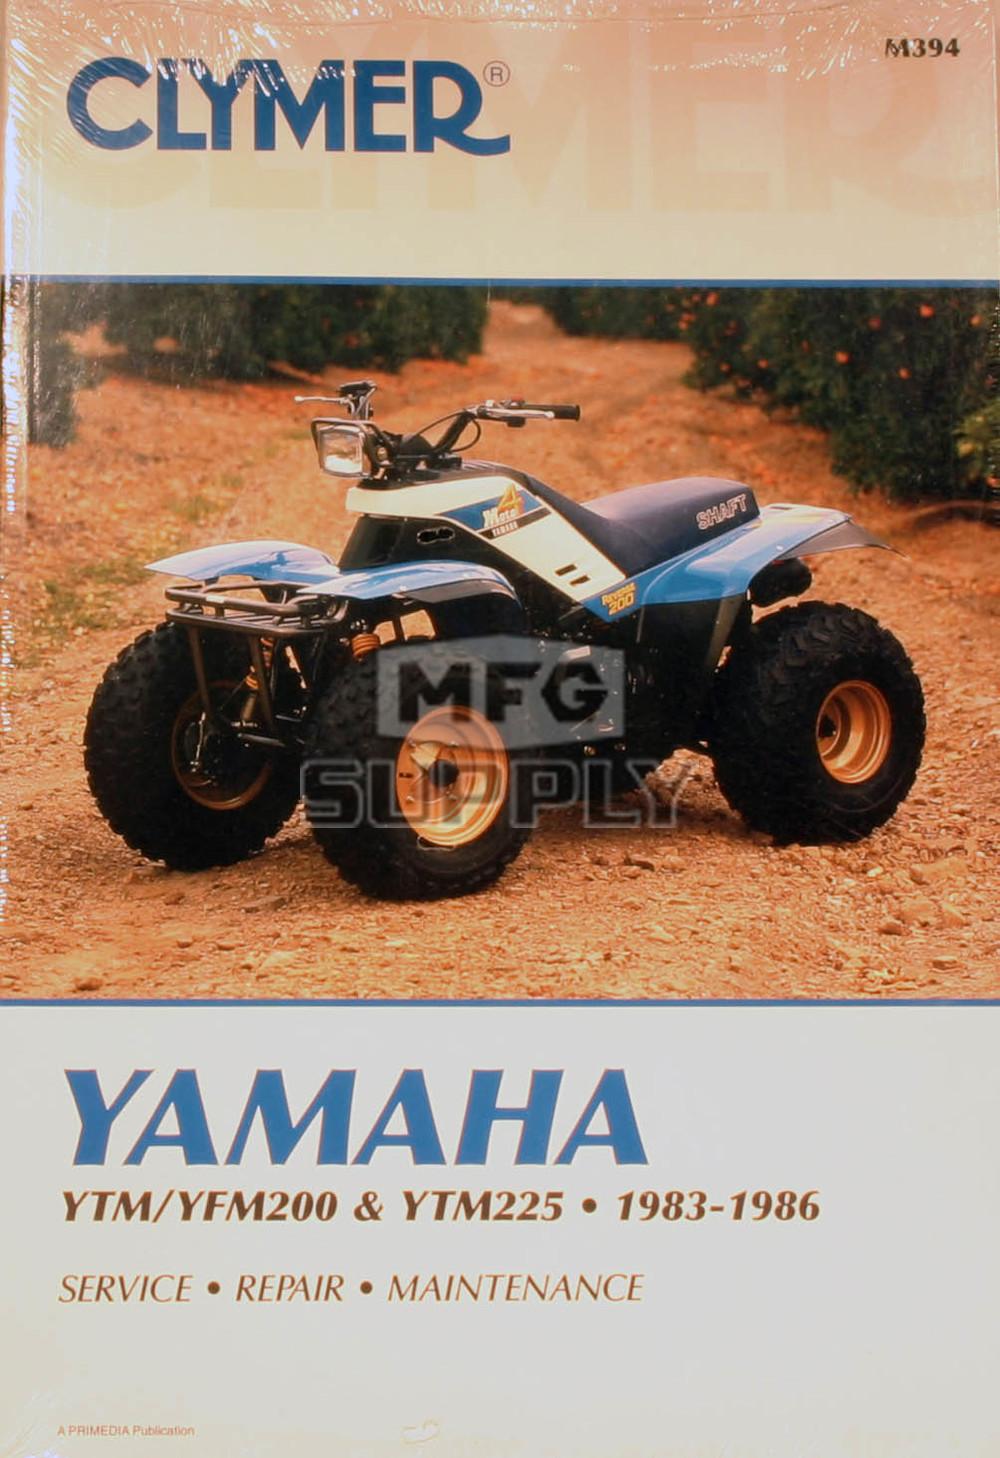 medium resolution of cm394 83 86 yamaha ytm yfm200 225 repair maintenance manual rh mfgsupply com 1985 yamaha 225